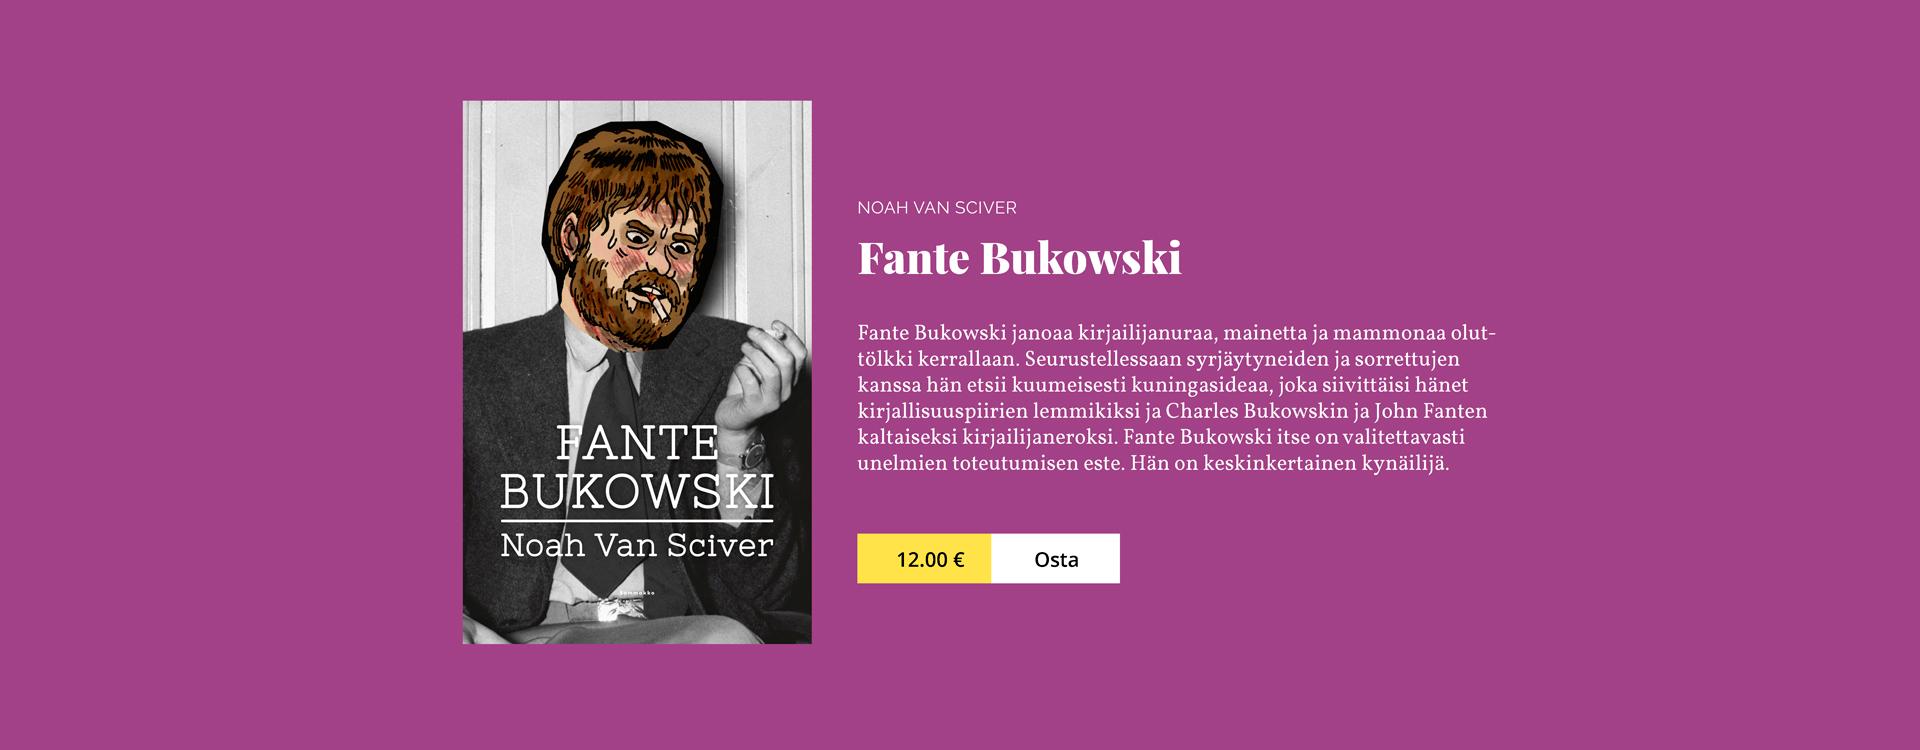 Fante-Bukowski-slidemainos